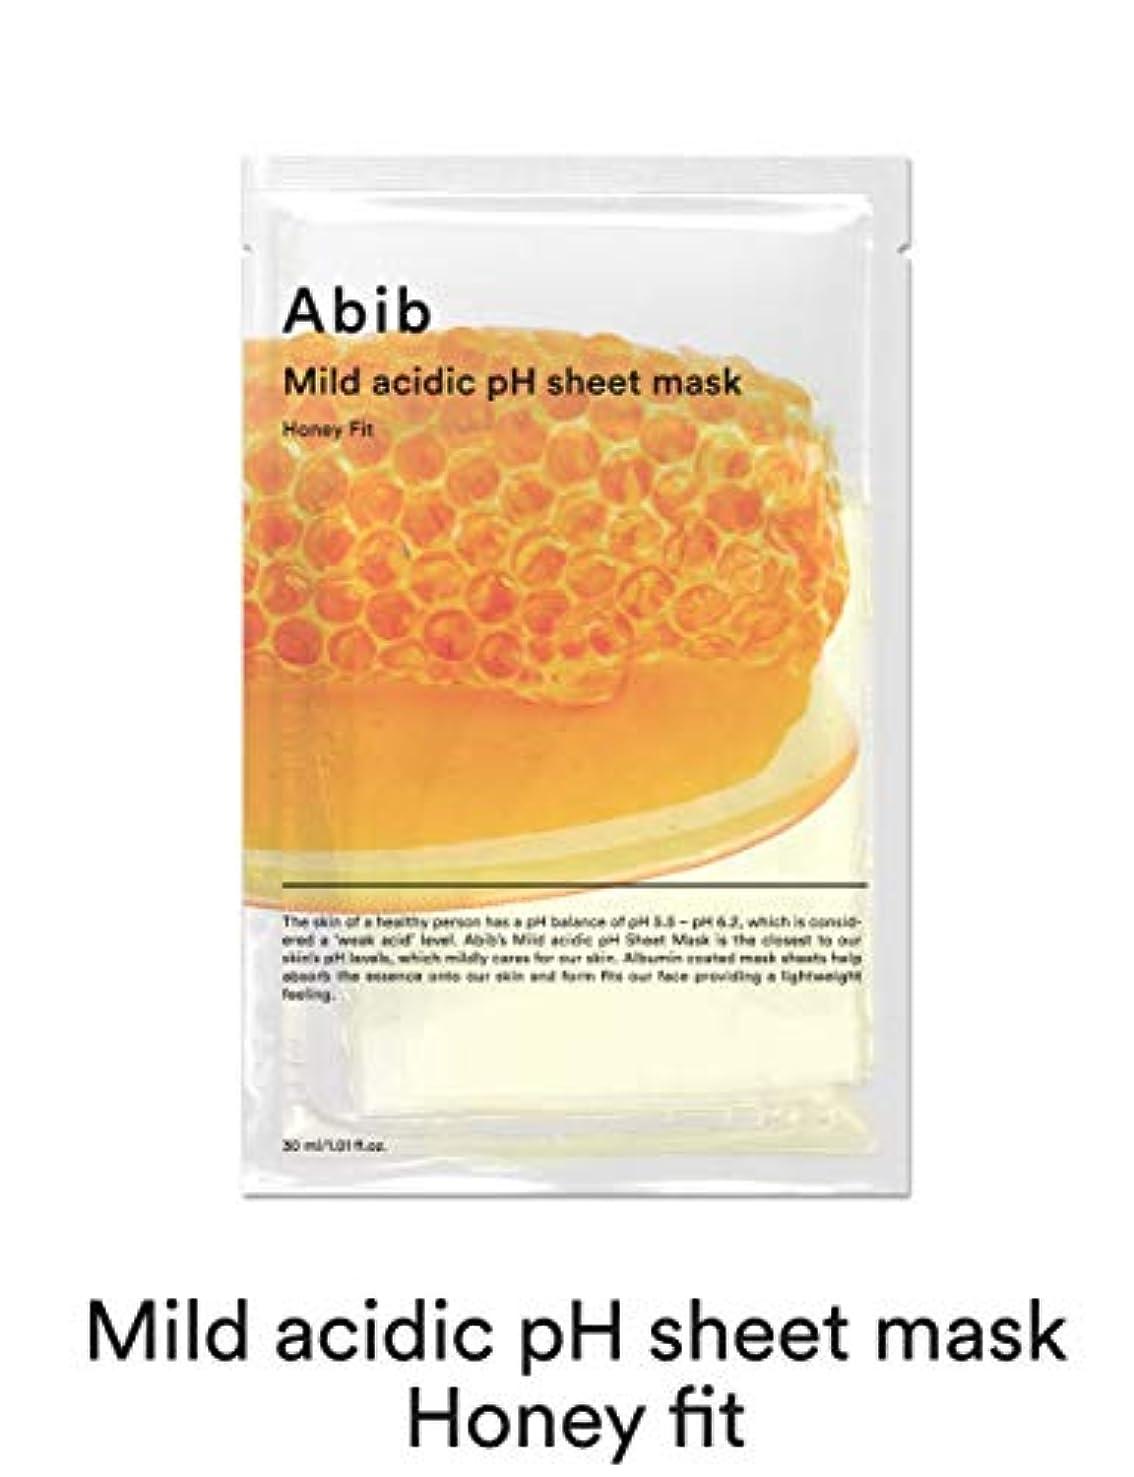 バイナリハイキングに行くツール[Abib] アビブ弱酸性pHシートマスクハニーフィット 30mlx10枚 / ABIB MILD ACIDIC pH SHEET MASK HONEY FIT 30mlx10EA [並行輸入品]